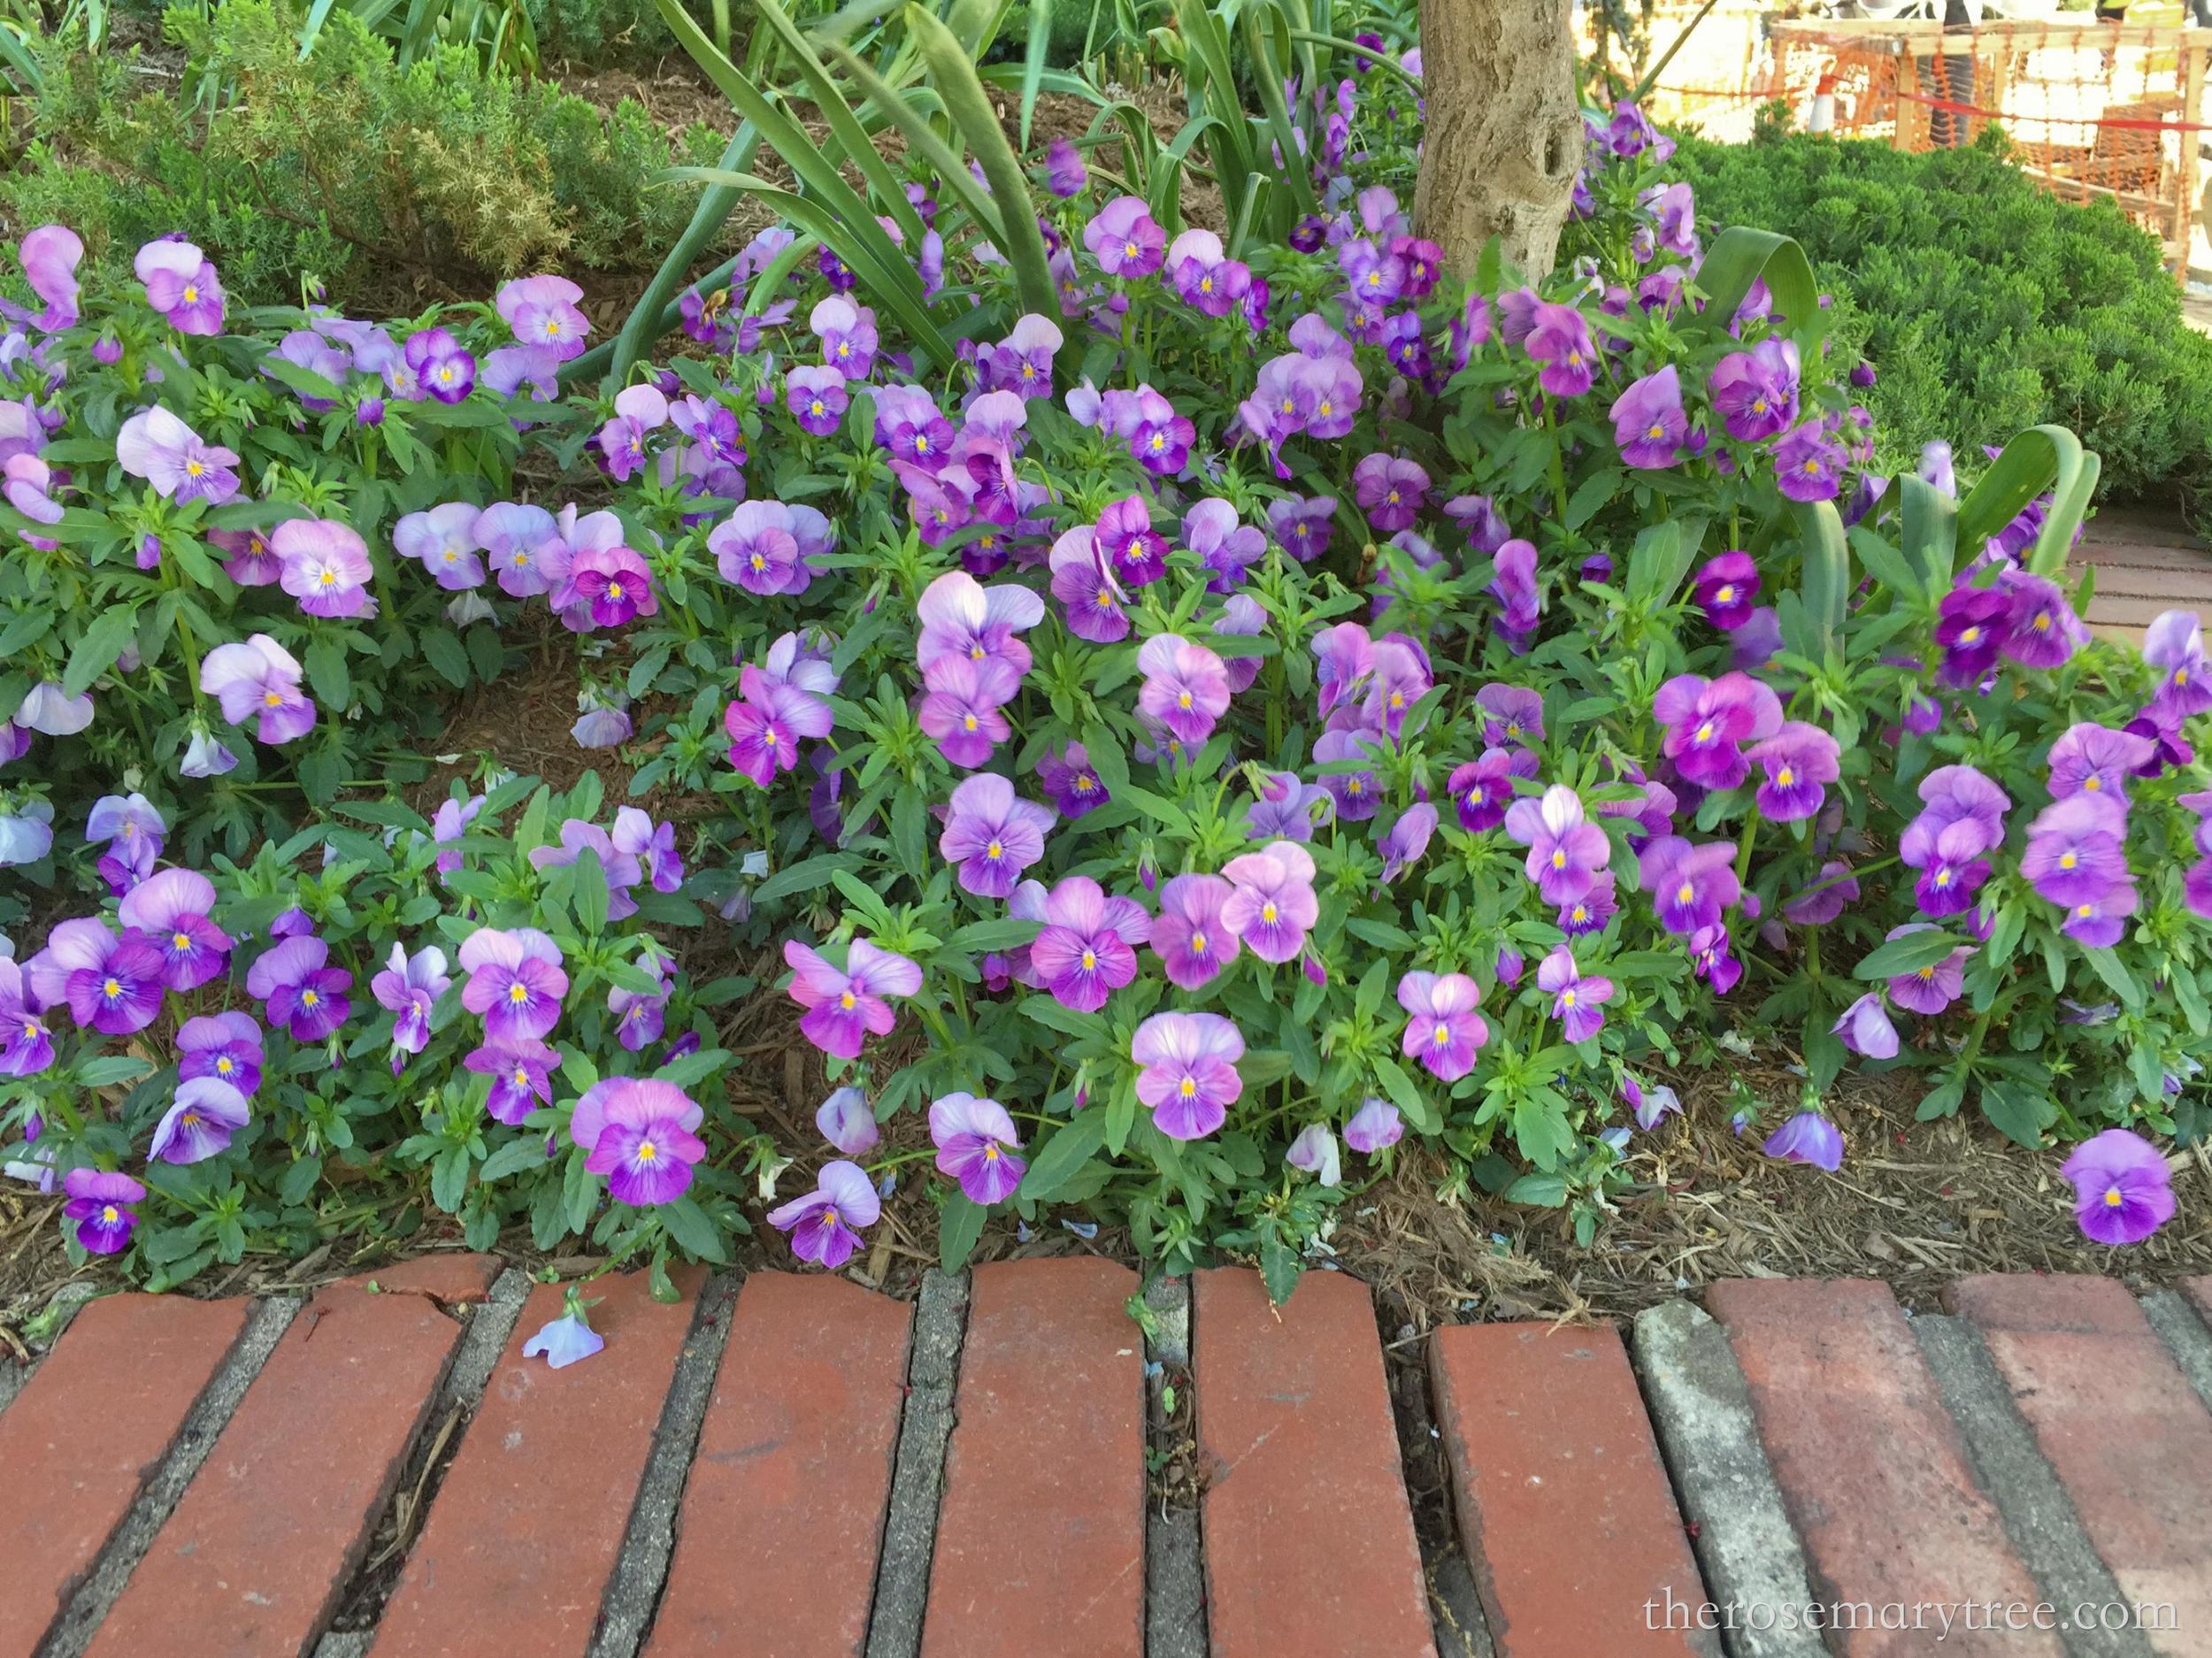 lavenderpansies